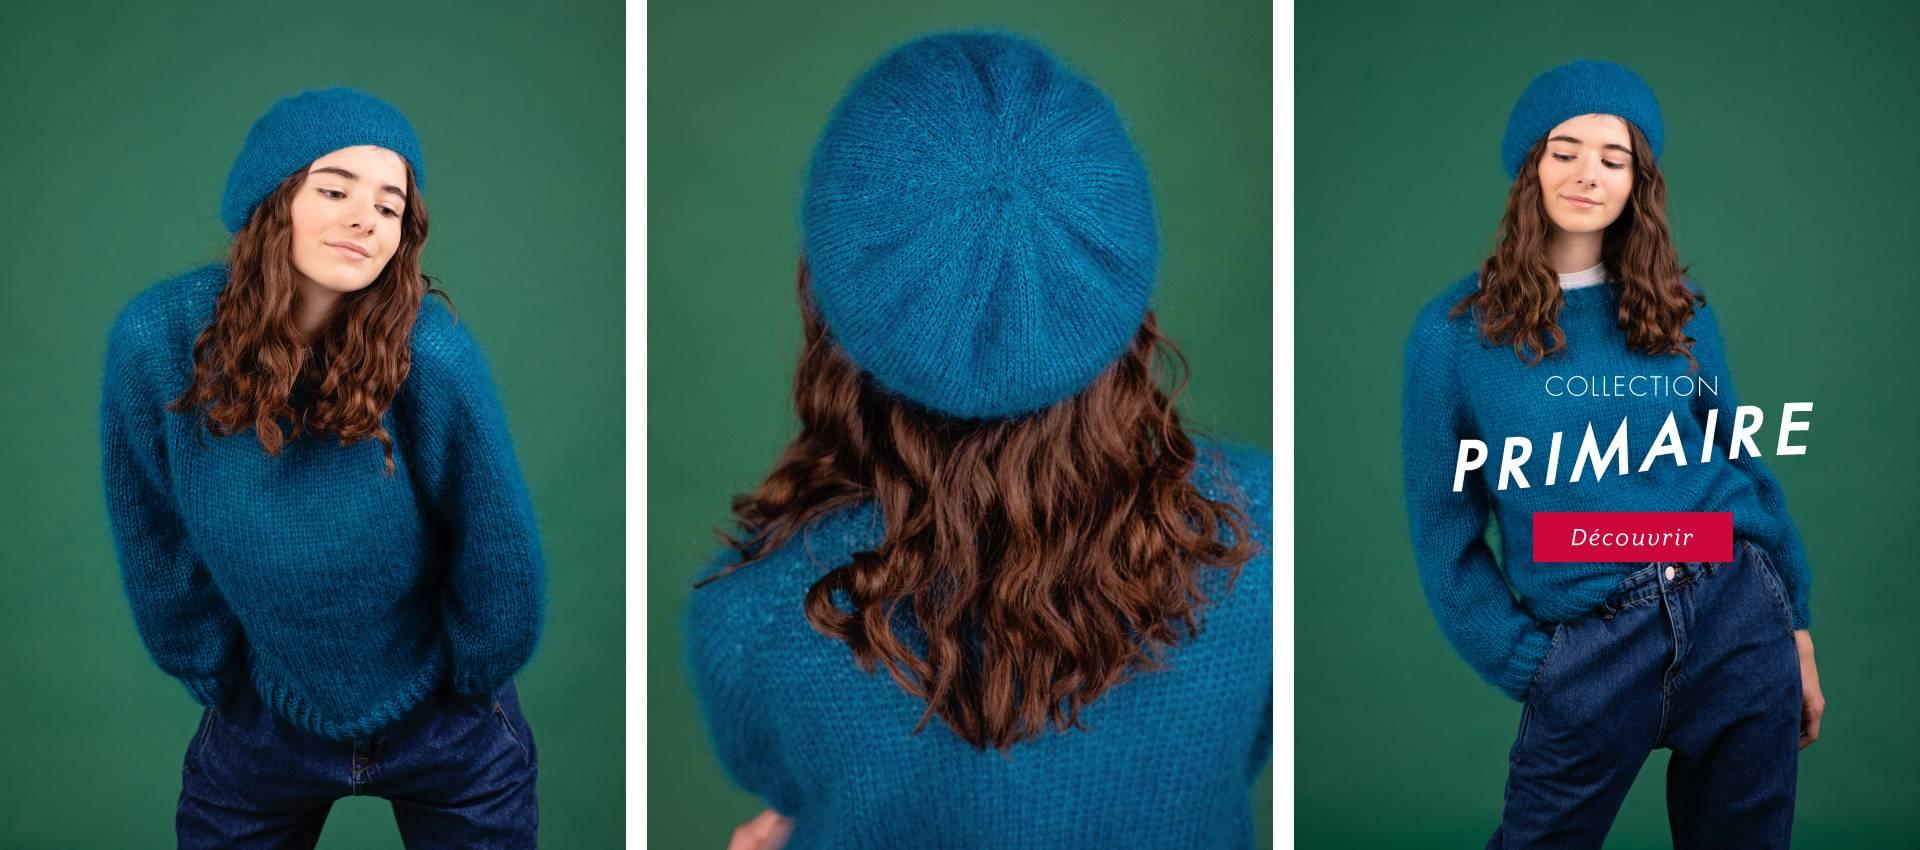 NOUVELLE COLLECTION PRIMAIRE : à tricoter, coudre, bijouter, broder... porter tout simplement !